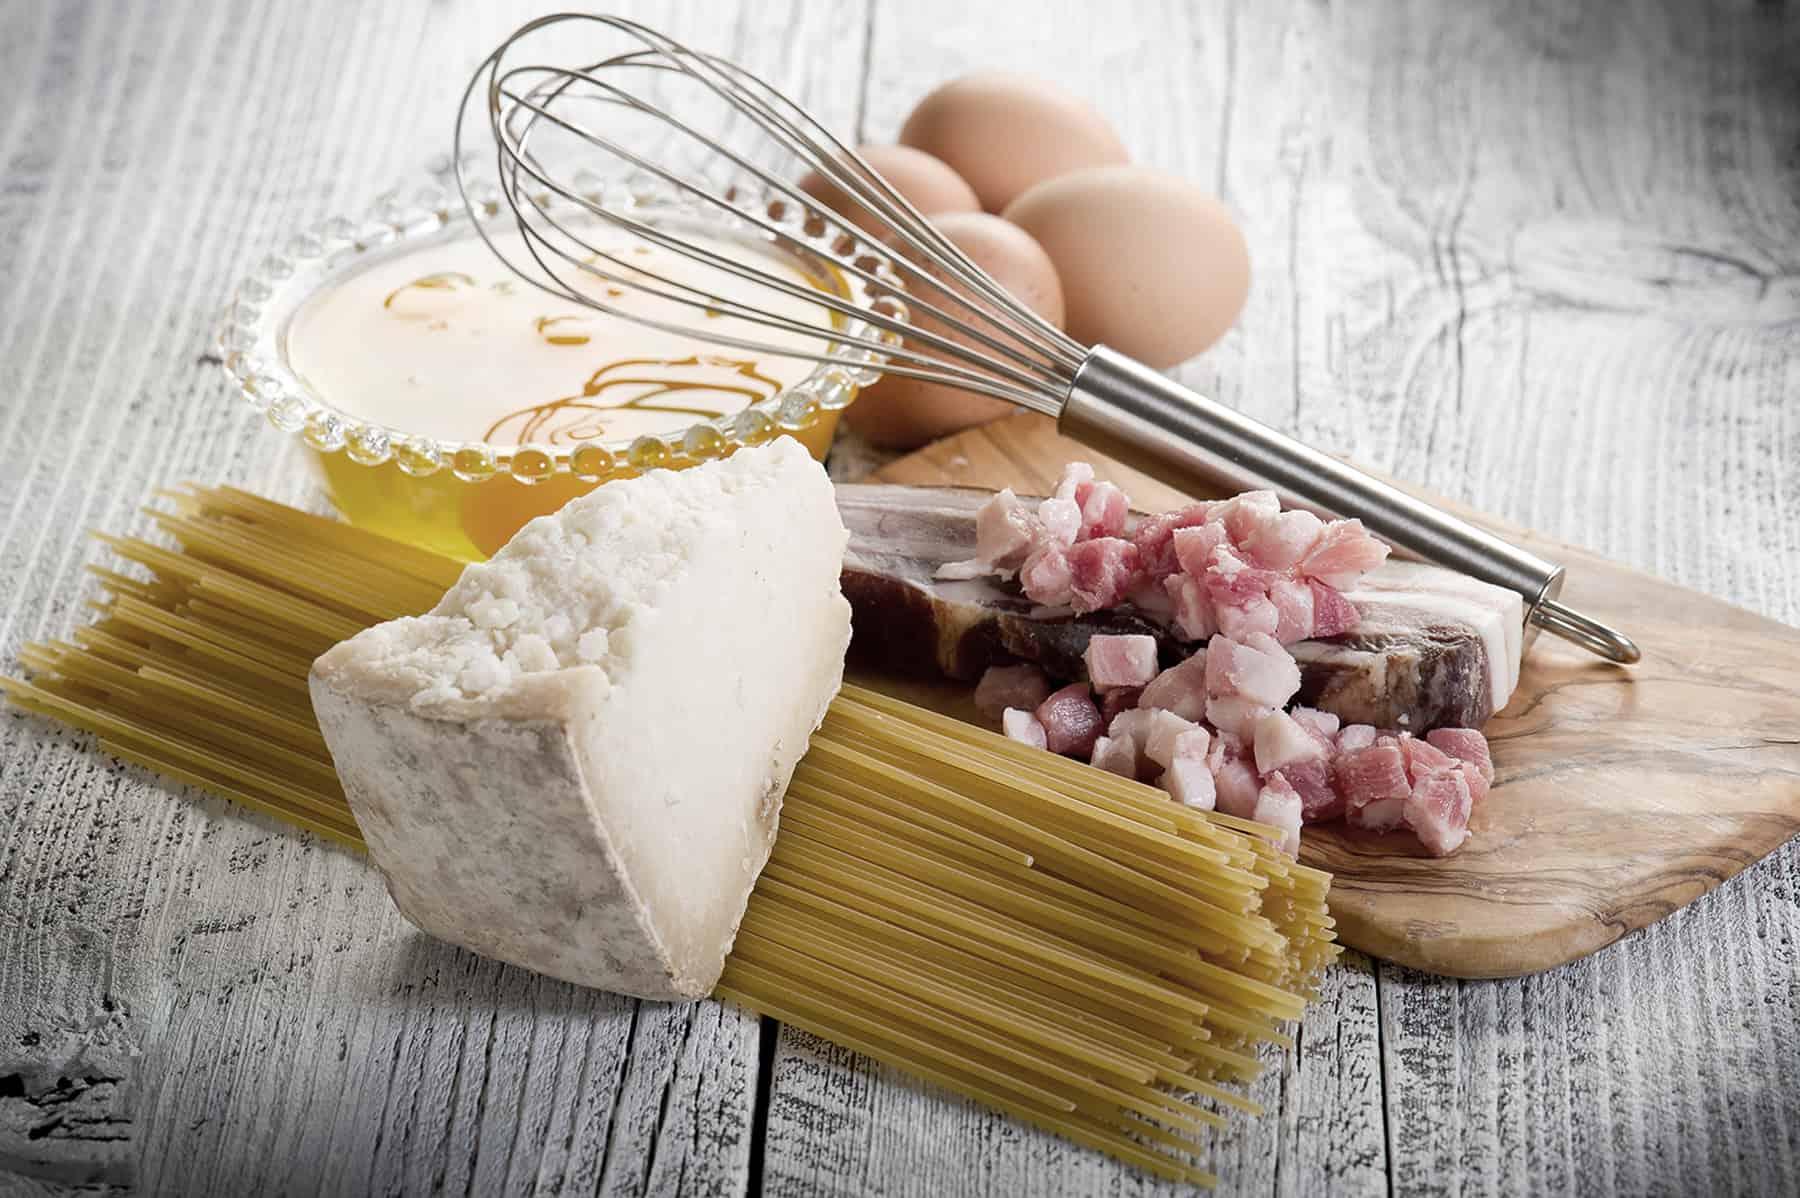 Zutaten für Spaghetti Carbonara: Pecorino, Pasta, Bauchspeck, Eier (Bild: Marco Meyer).